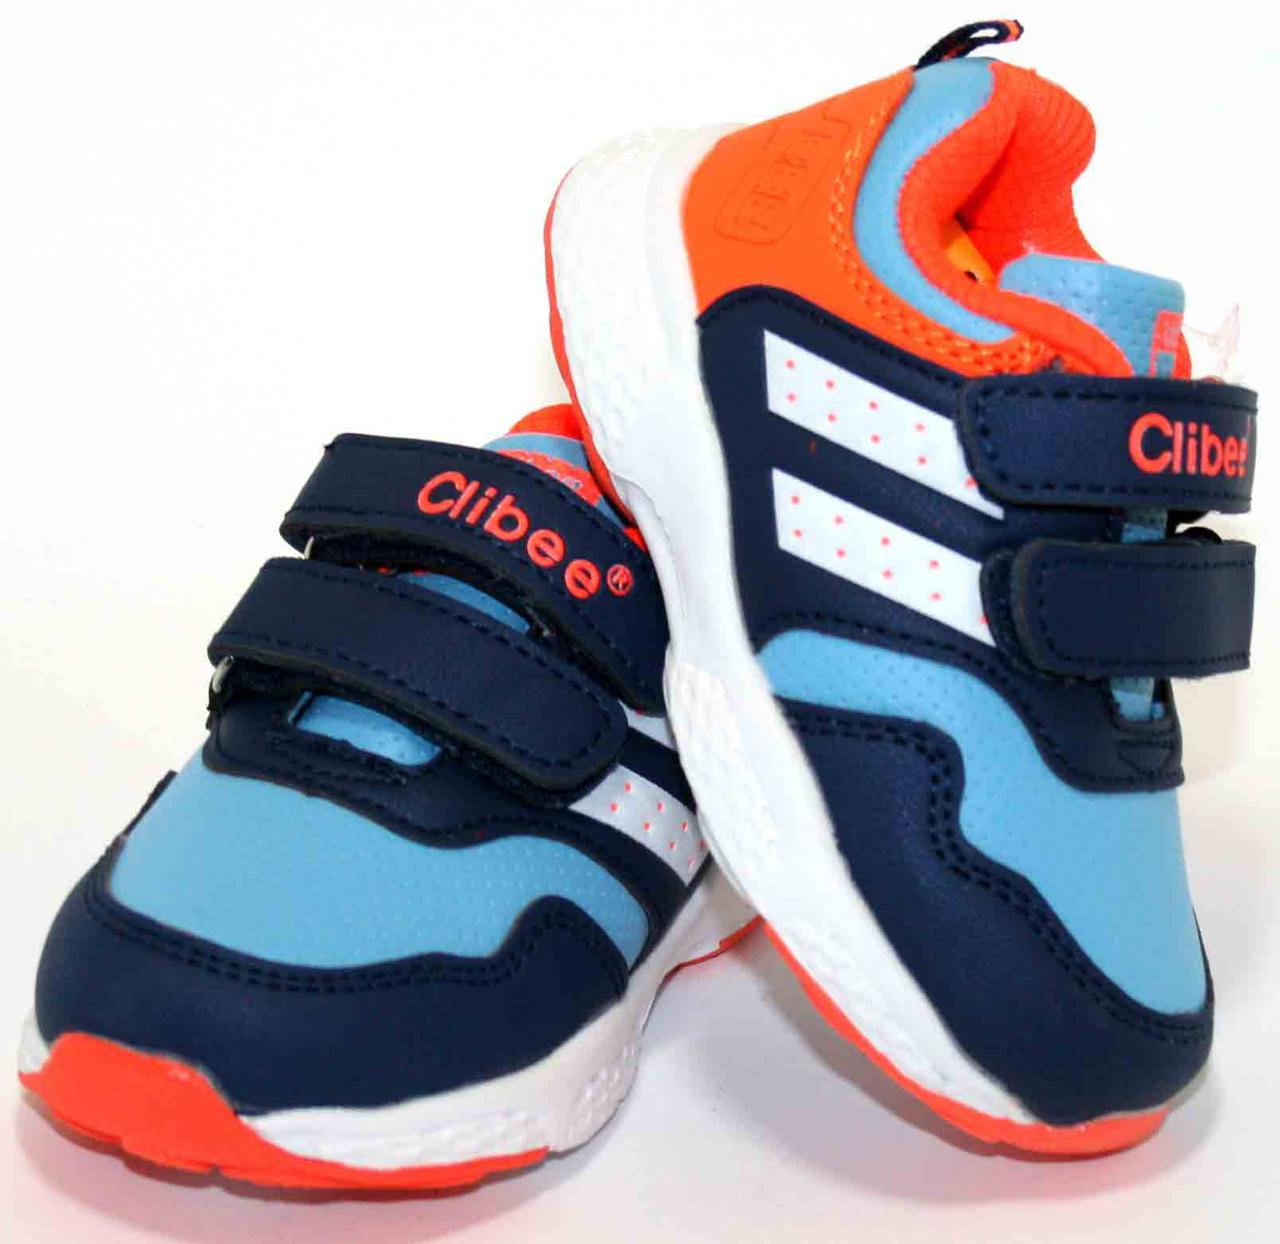 749f5380 Детские кроссовки для мальчиков Clibee Польша размеры 20-25 - купить ...